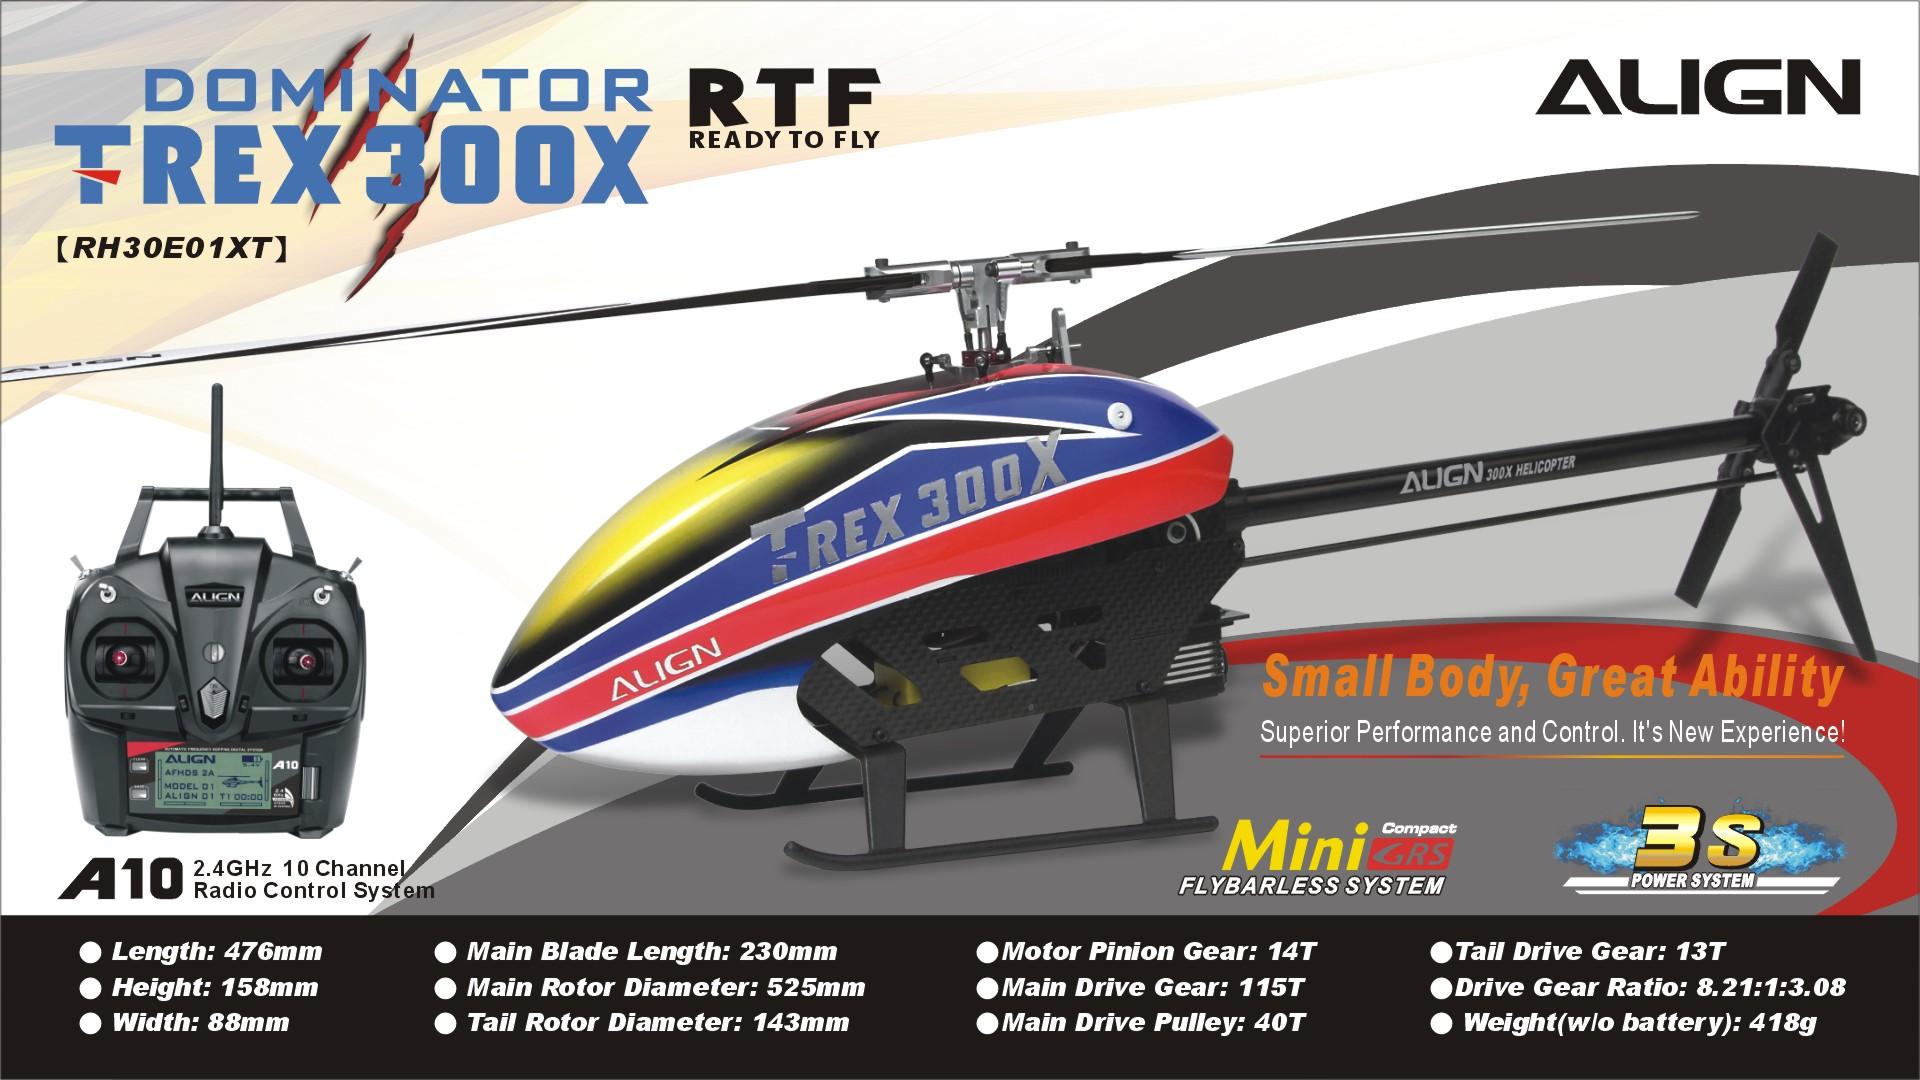 Align T-REX 300X Super Combo RTF RH30E01X